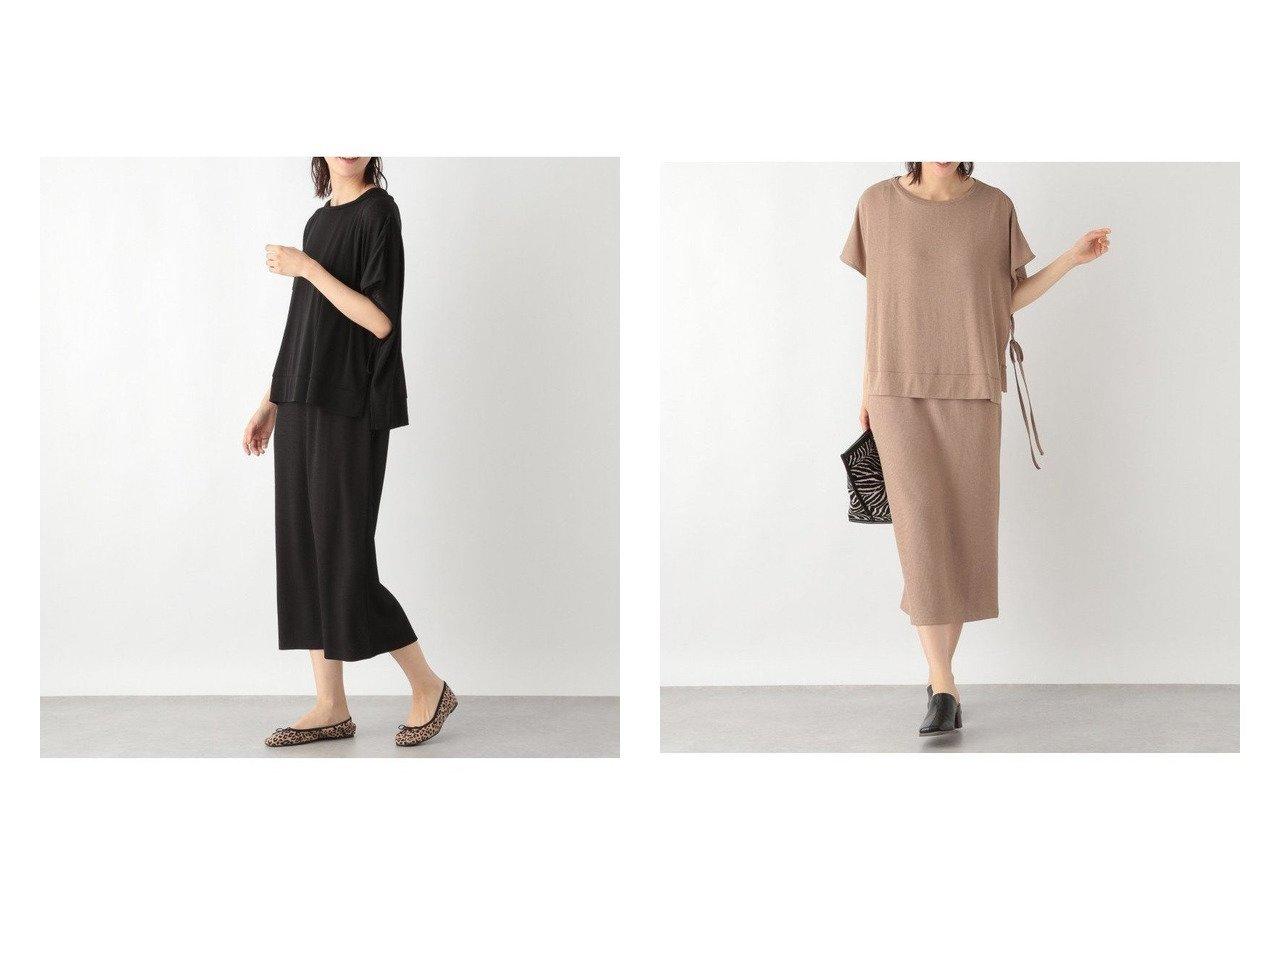 【LEPSIM LOWRYS FARM/レプシィム ローリーズファーム】のアシメデザイン2PセットOP 【ワンピース・ドレス】おすすめ!人気、トレンド・レディースファッションの通販 おすすめで人気の流行・トレンド、ファッションの通販商品 インテリア・家具・メンズファッション・キッズファッション・レディースファッション・服の通販 founy(ファニー) https://founy.com/ ファッション Fashion レディースファッション WOMEN ワンピース Dress シアー リボン |ID:crp329100000063582